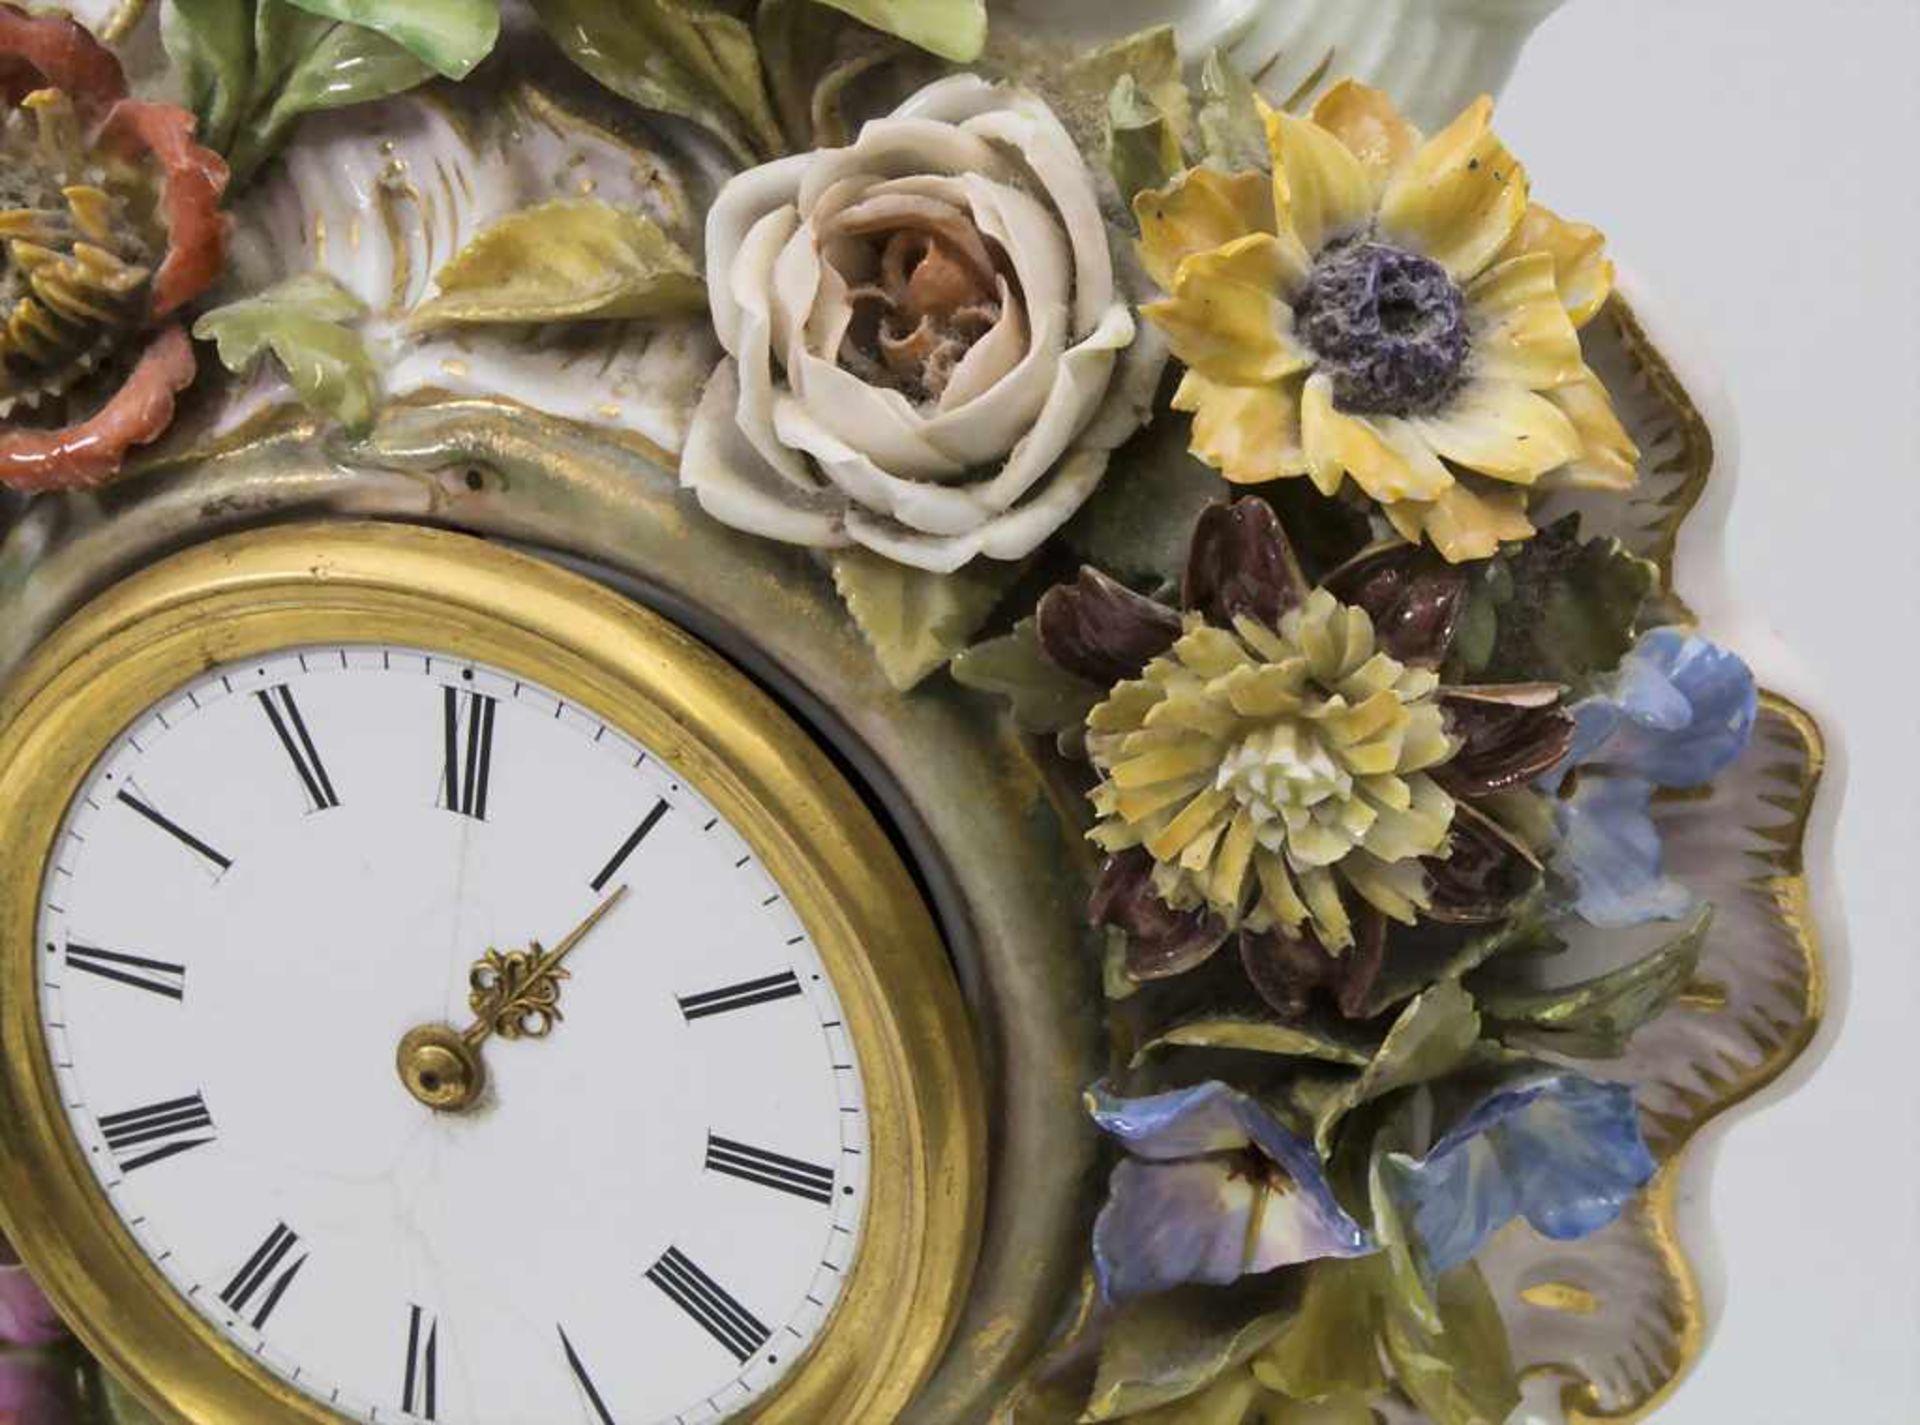 Seltene Tischuhr mit integriertem Schreibset / A rare porcelain table clock with integrated - Bild 11 aus 16